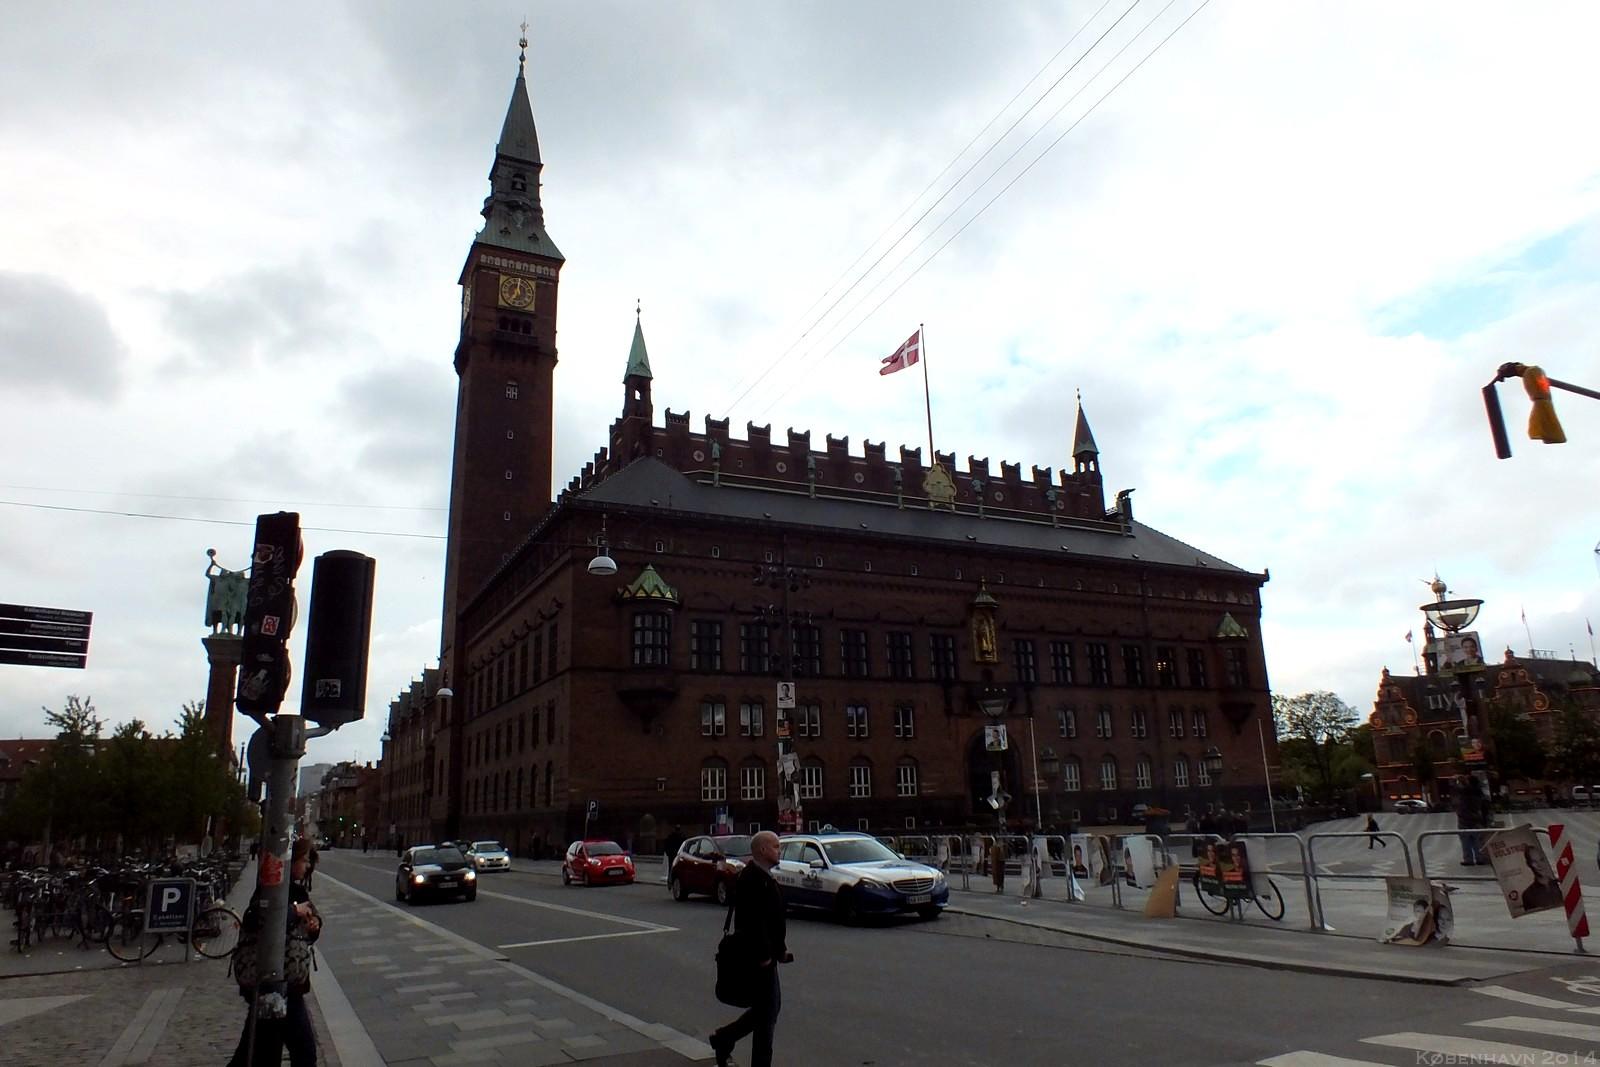 Copenhagen City Hall, København, Denmark